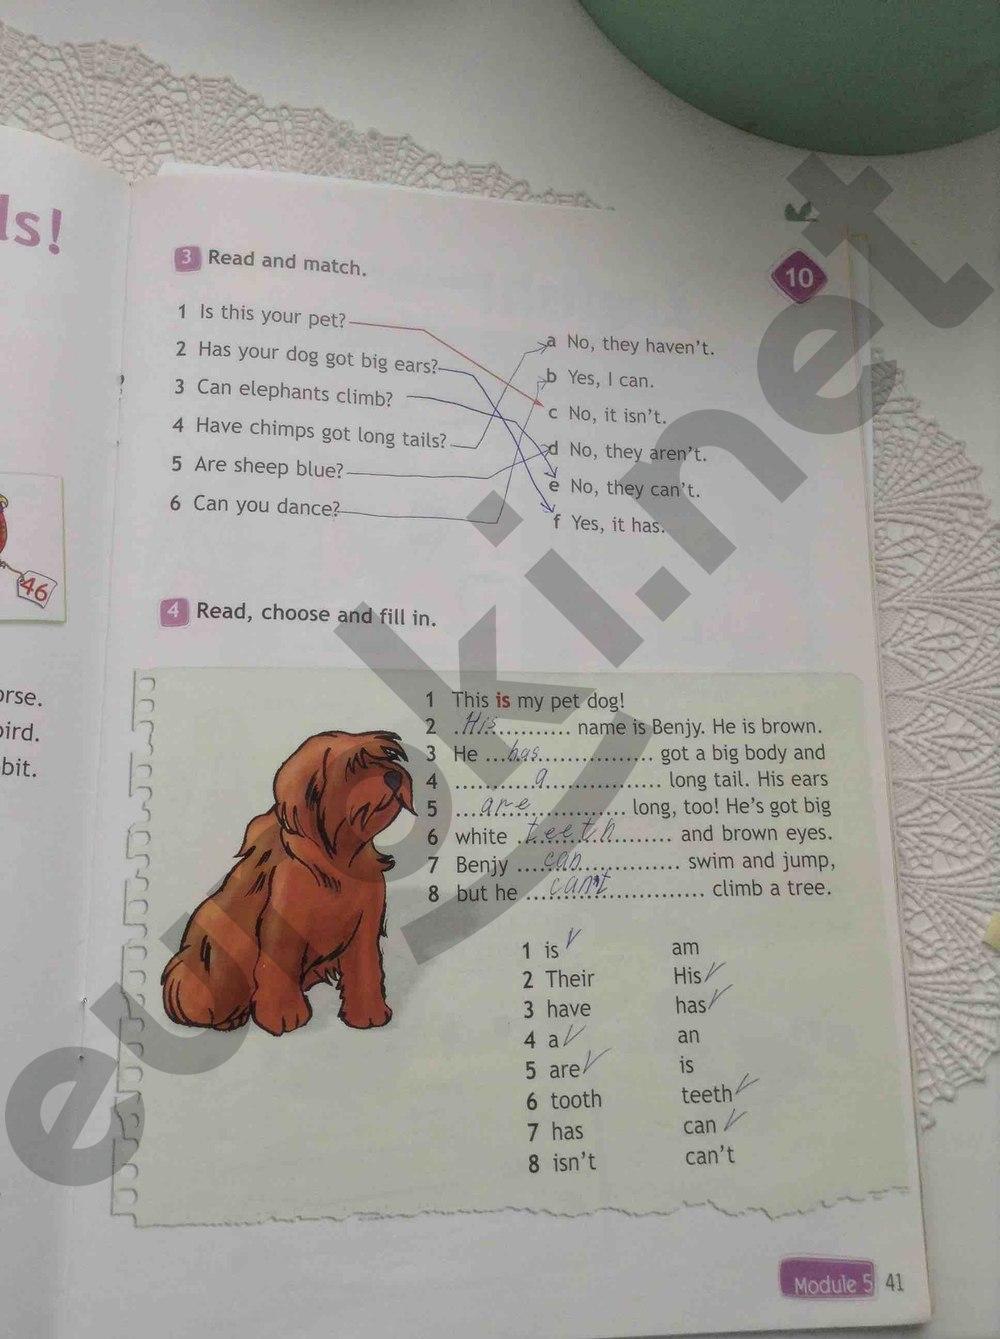 готовые домашние задания английский язык 3 класс рабочая тетрадь быкова